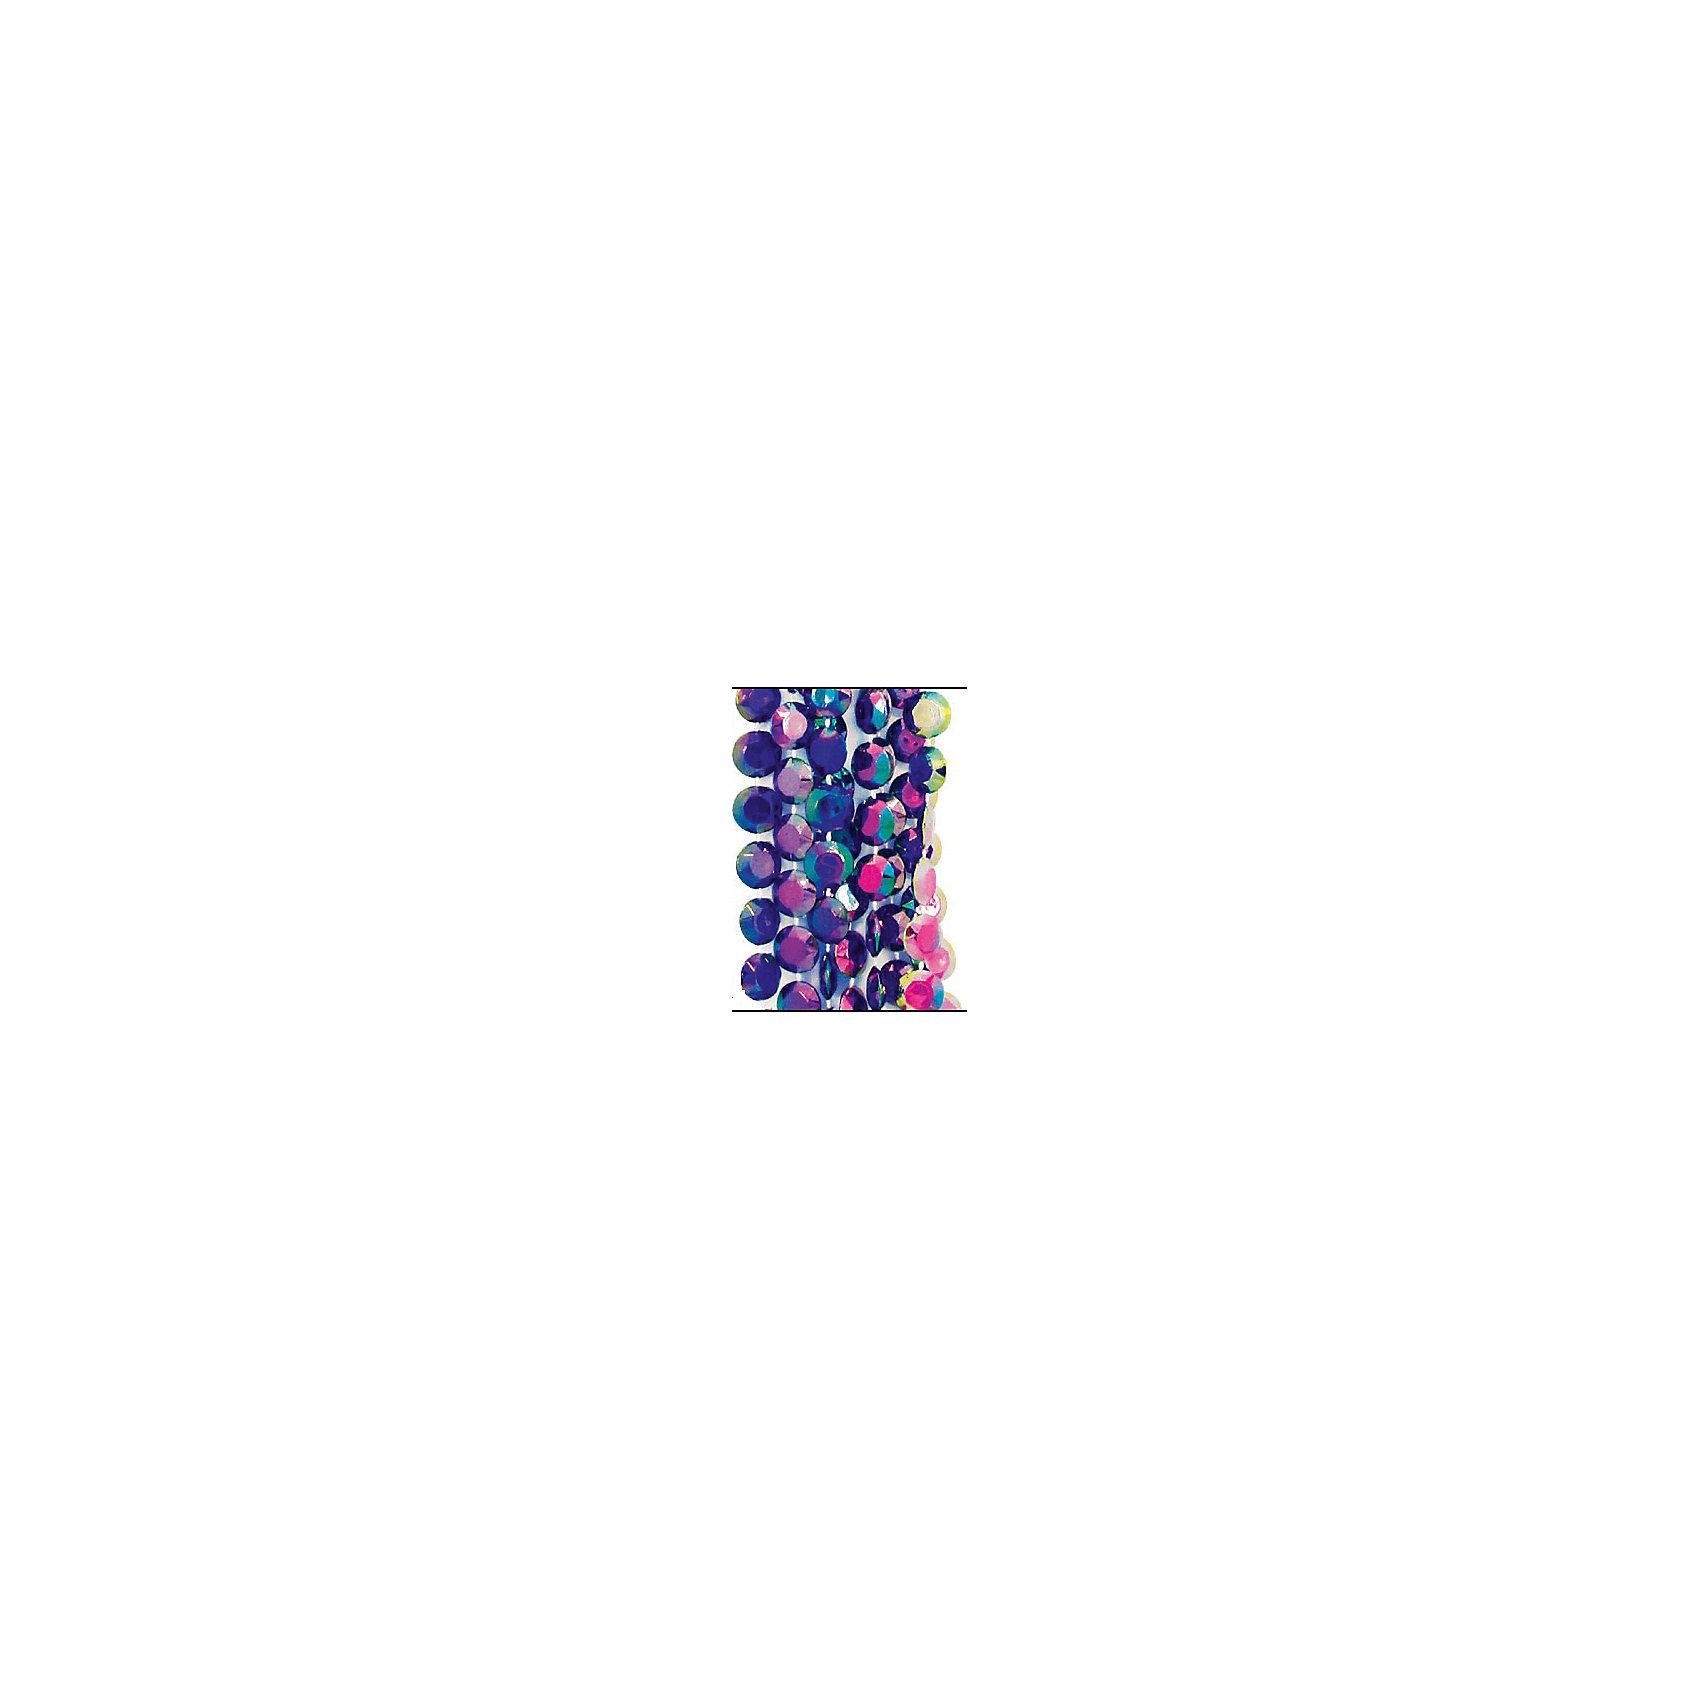 ёл. укр. бусы ДИСКИ 2,7 м, фиол/голуб перл.Новогодняя мишура и бусы<br>Новогодние  и елочные украшения, в т.ч. пластиковые шары, украшения фигурные, изображающие представителей флоры, фауны, сказочных персонажей, верхушки, бусы, ветки, бантики, гирлянды и фонарики  (без подключения к сети переменного тока), конфетти, мишура, дождик, серпантин,  панно, венки, ели, ленты декоративные<br><br>Ширина мм: 120<br>Глубина мм: 320<br>Высота мм: 15<br>Вес г: 78<br>Возраст от месяцев: 36<br>Возраст до месяцев: 2147483647<br>Пол: Унисекс<br>Возраст: Детский<br>SKU: 5101094